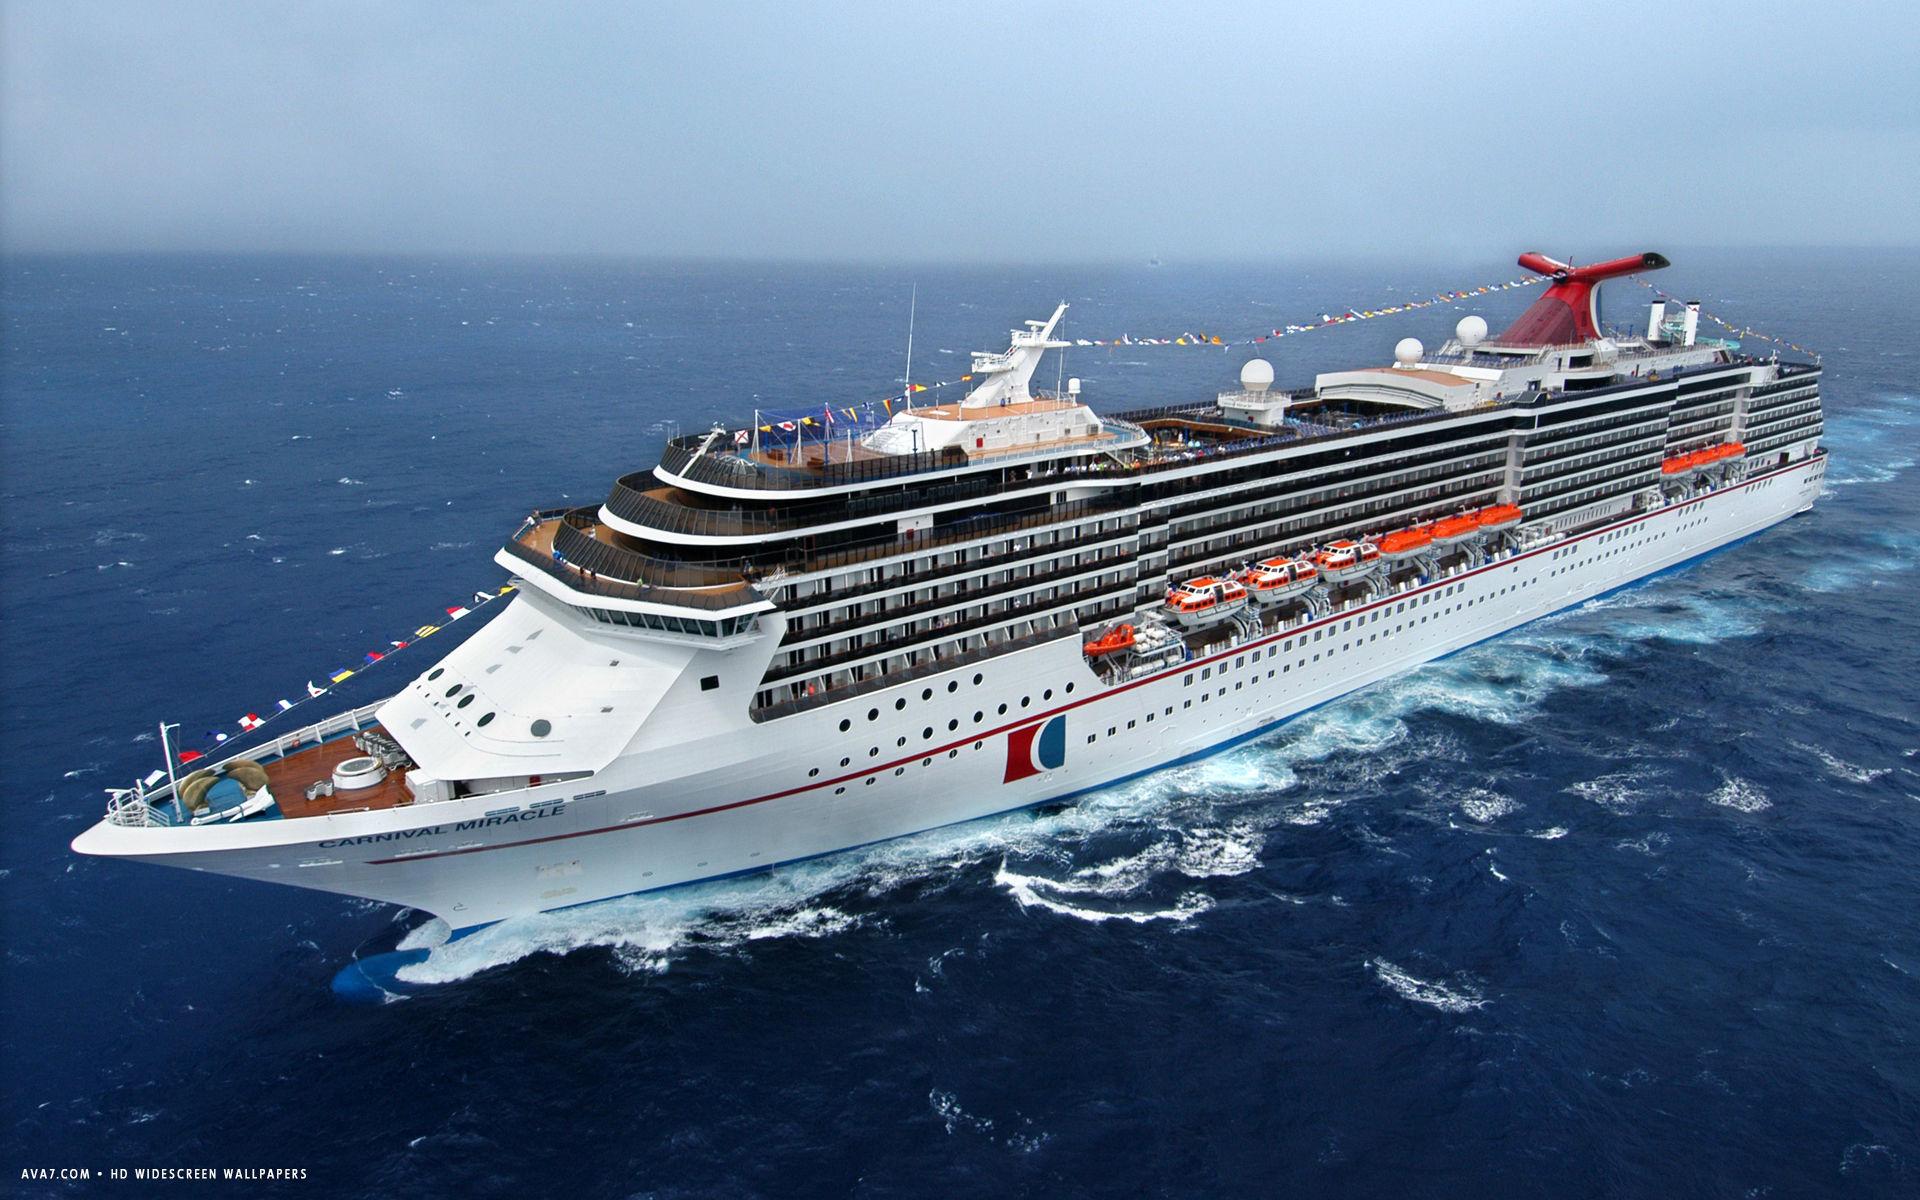 carnival miracle cruise ship hd widescreen wallpaper cruise ships 1920x1200